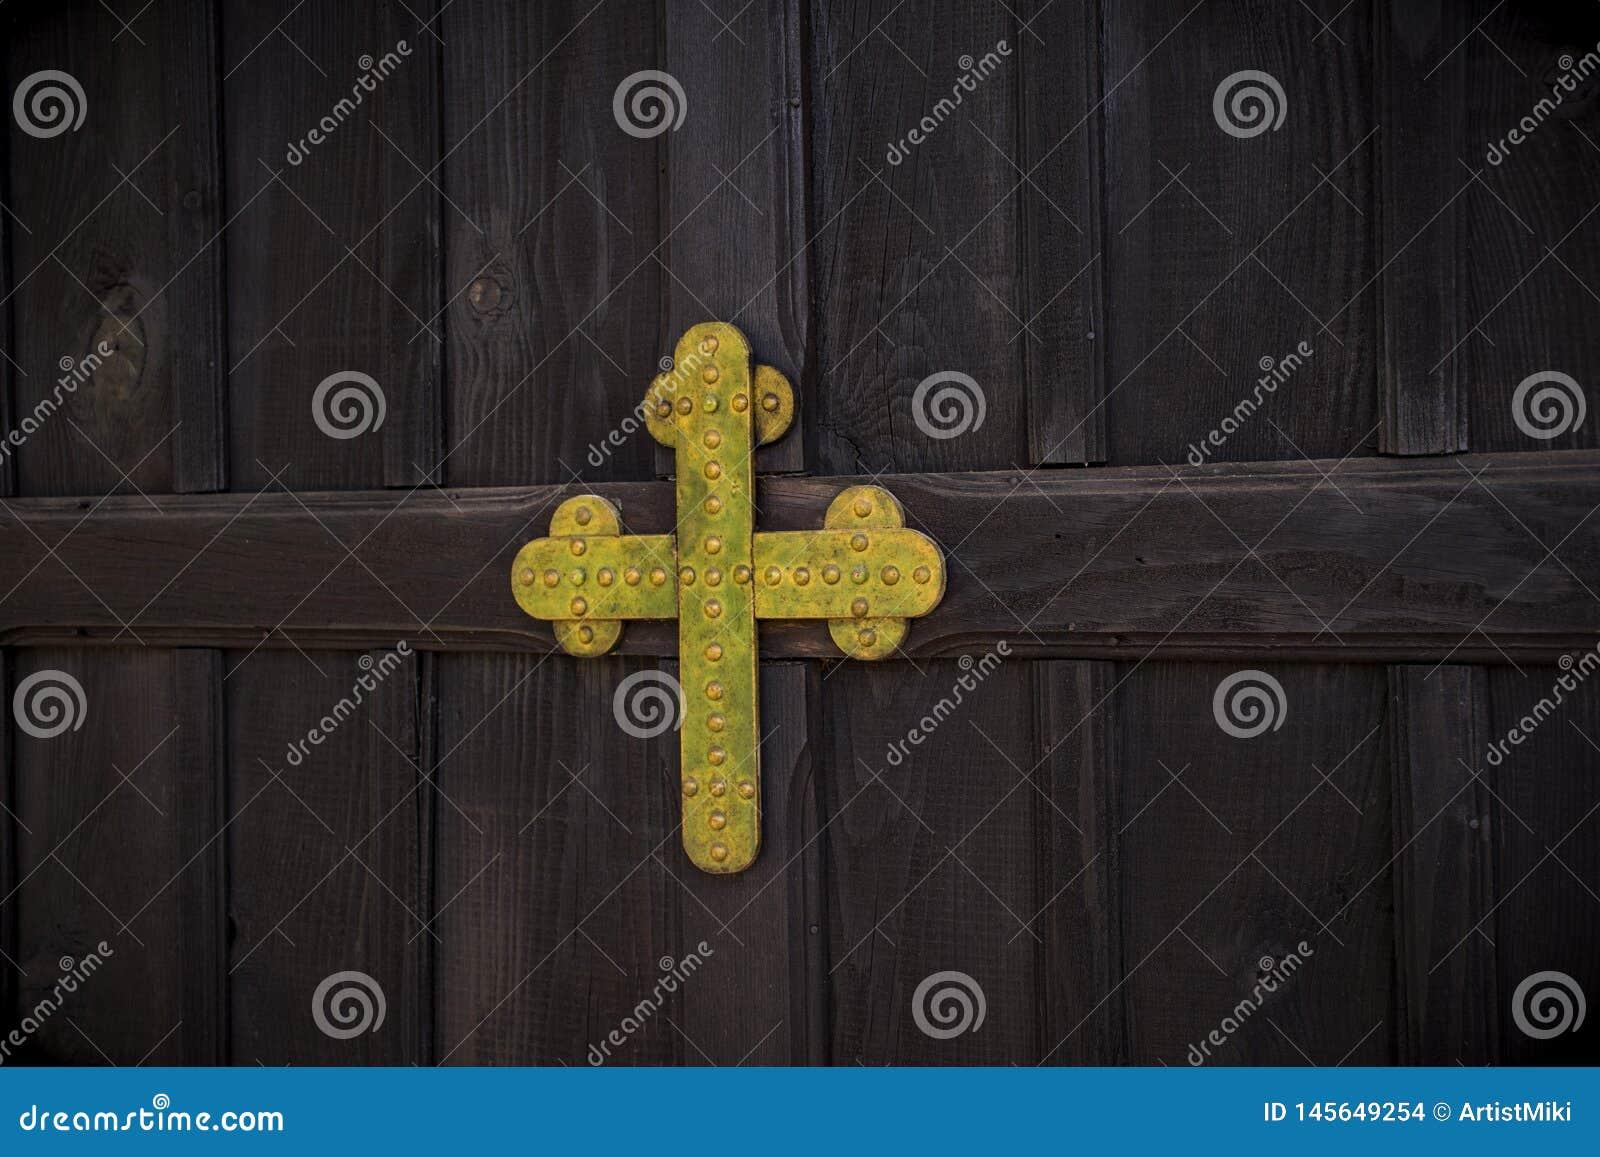 与金属金黄色的基督徒十字架的葡萄酒木门在基督教会里